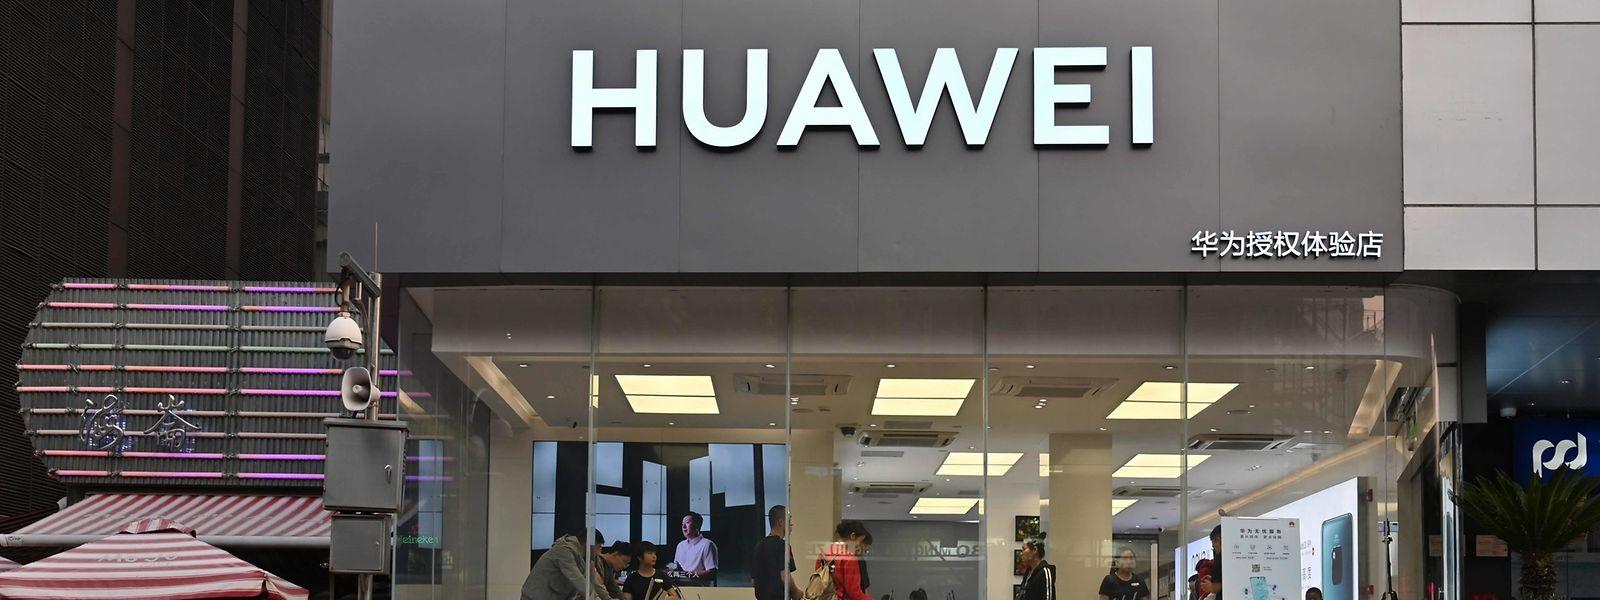 Ein Huawei-Laden in Shanghai: Der chinesische Telekommunikationskonzern wird von den USA der Spionage und der Sabotage verdächtigt.